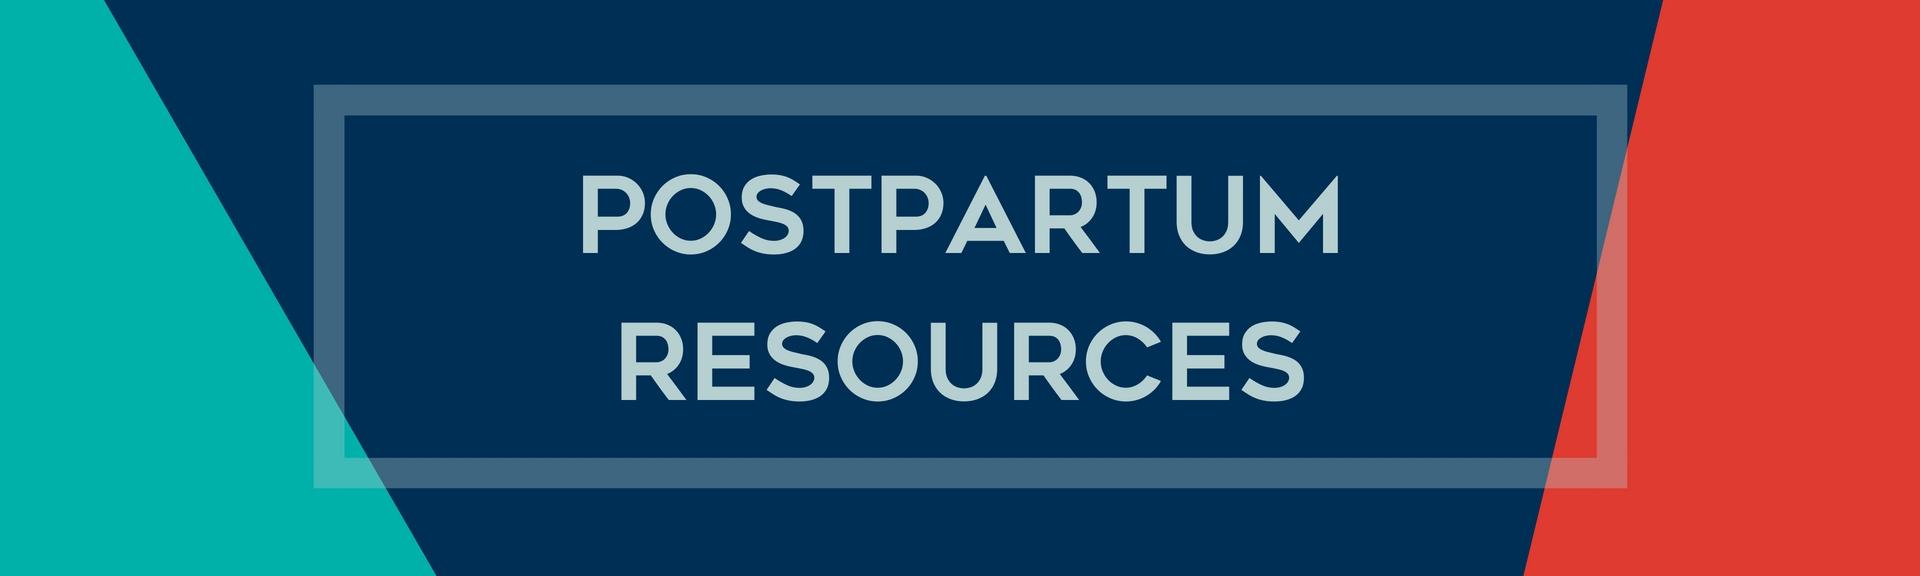 PP Resources header.jpg